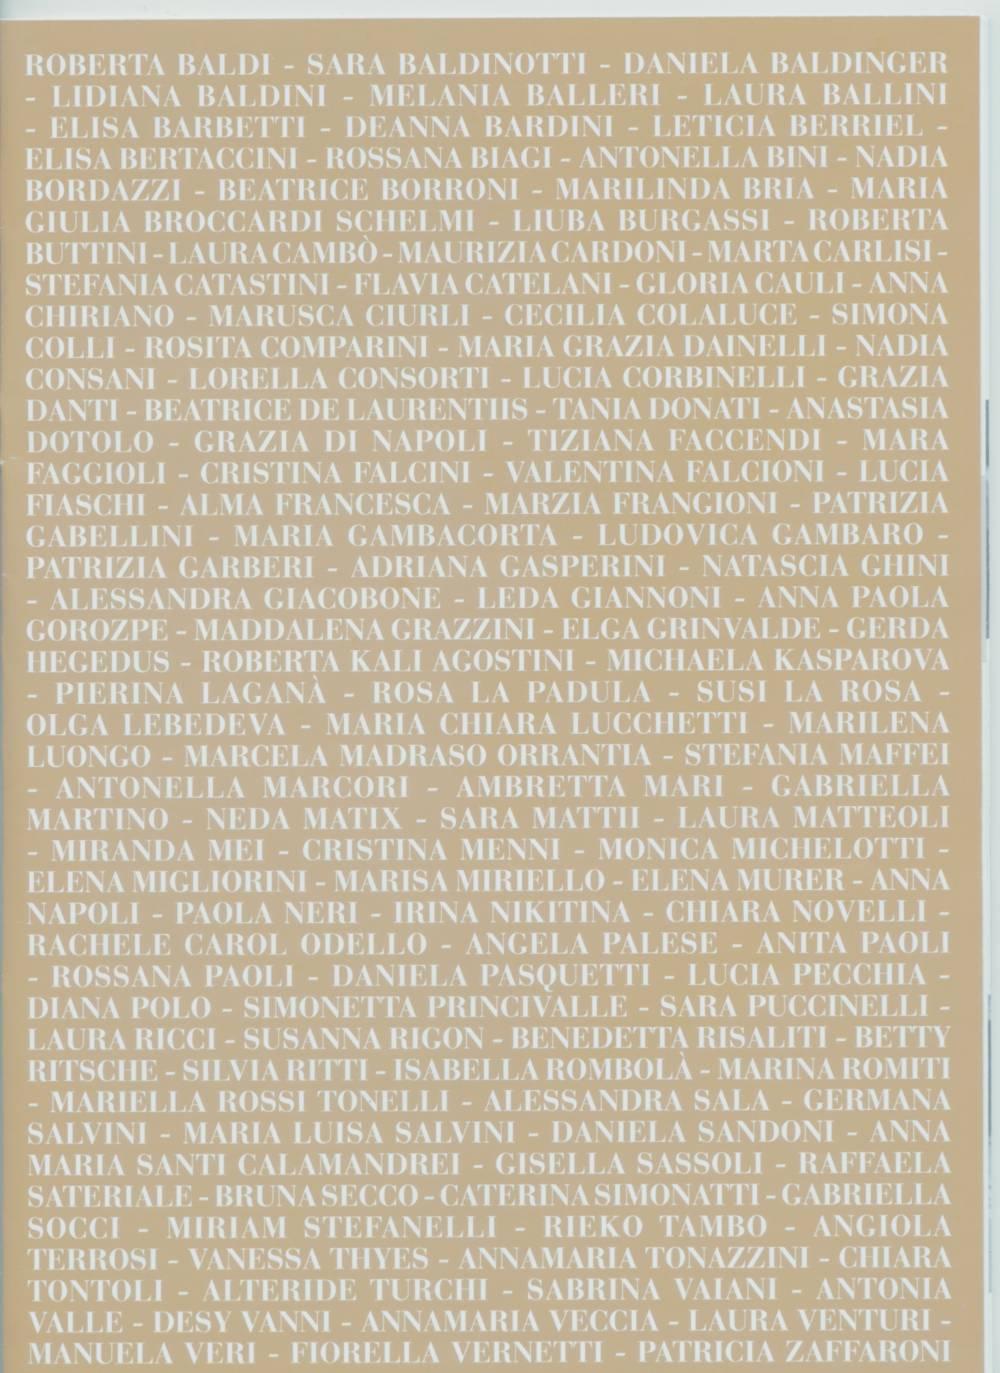 ELENCO ARTISTE per Donne nell´ Arte in Toscana 2016